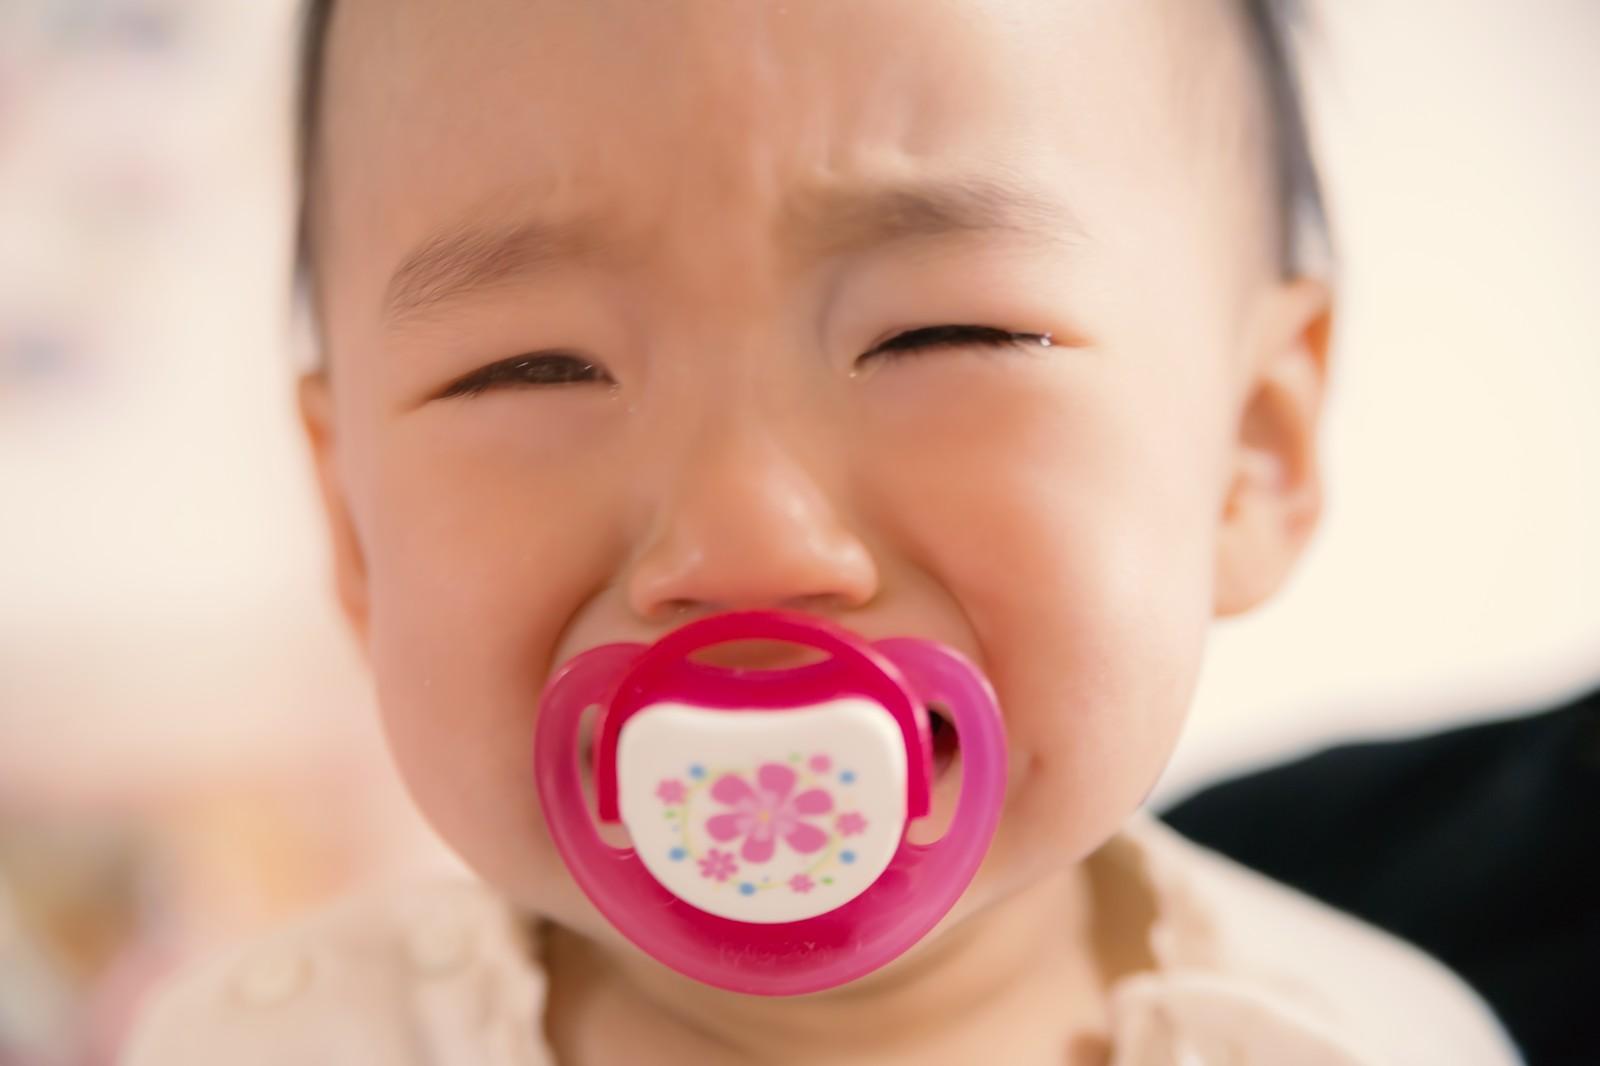 [子育て悩み]写真撮影で赤ちゃんが泣き止まない その時の有効な5つの対策!